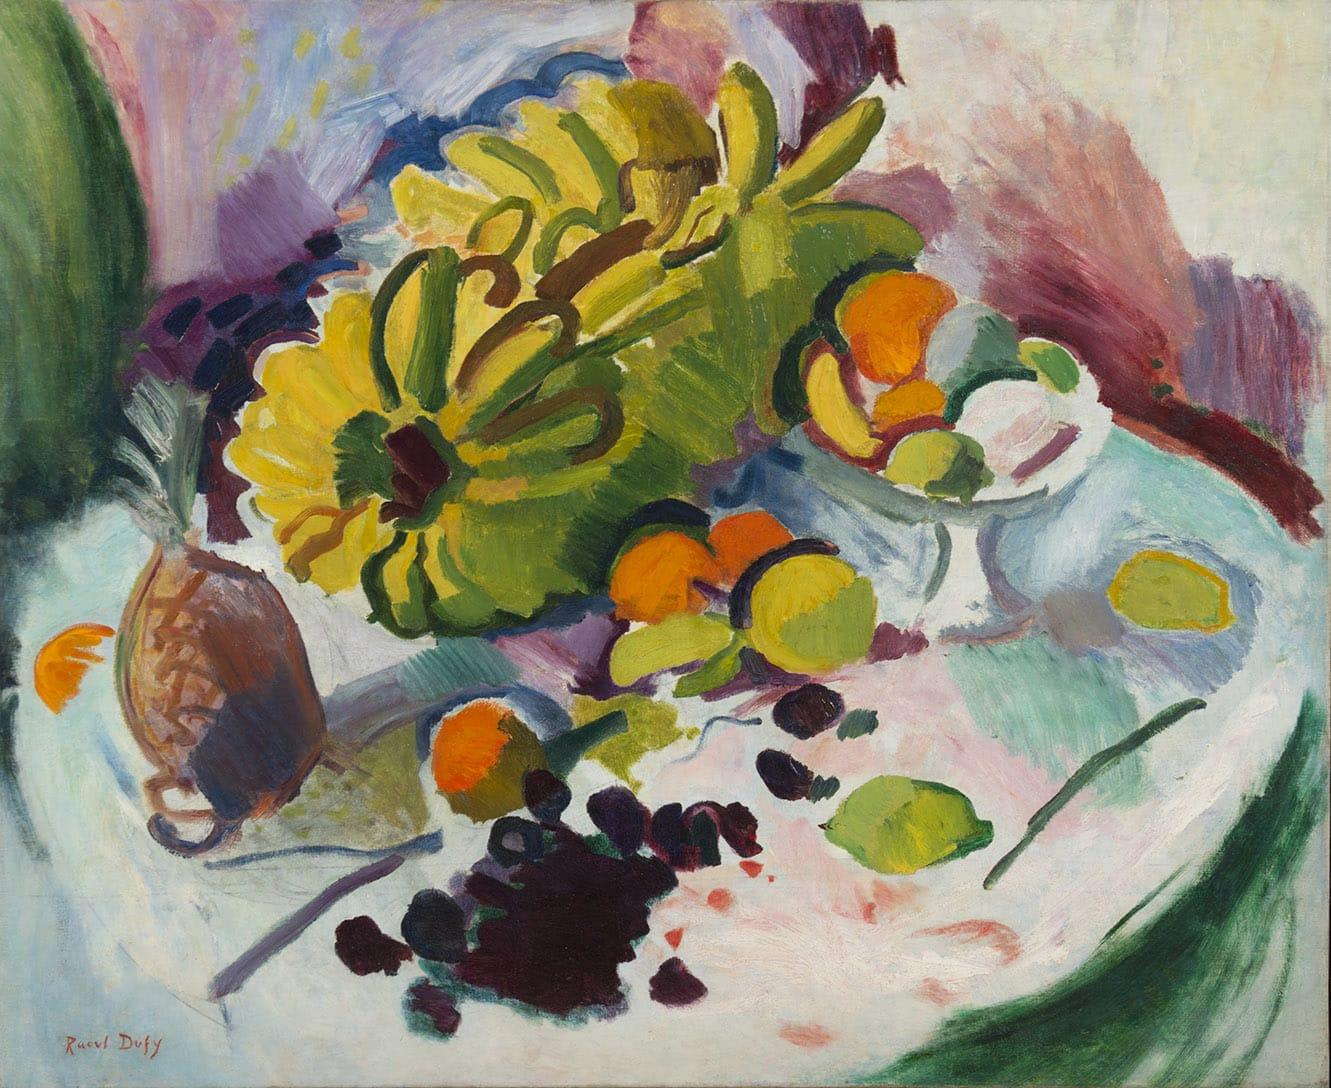 RAOUL DUFY, Compotier, bananes et fruits sur un entablement, 1905